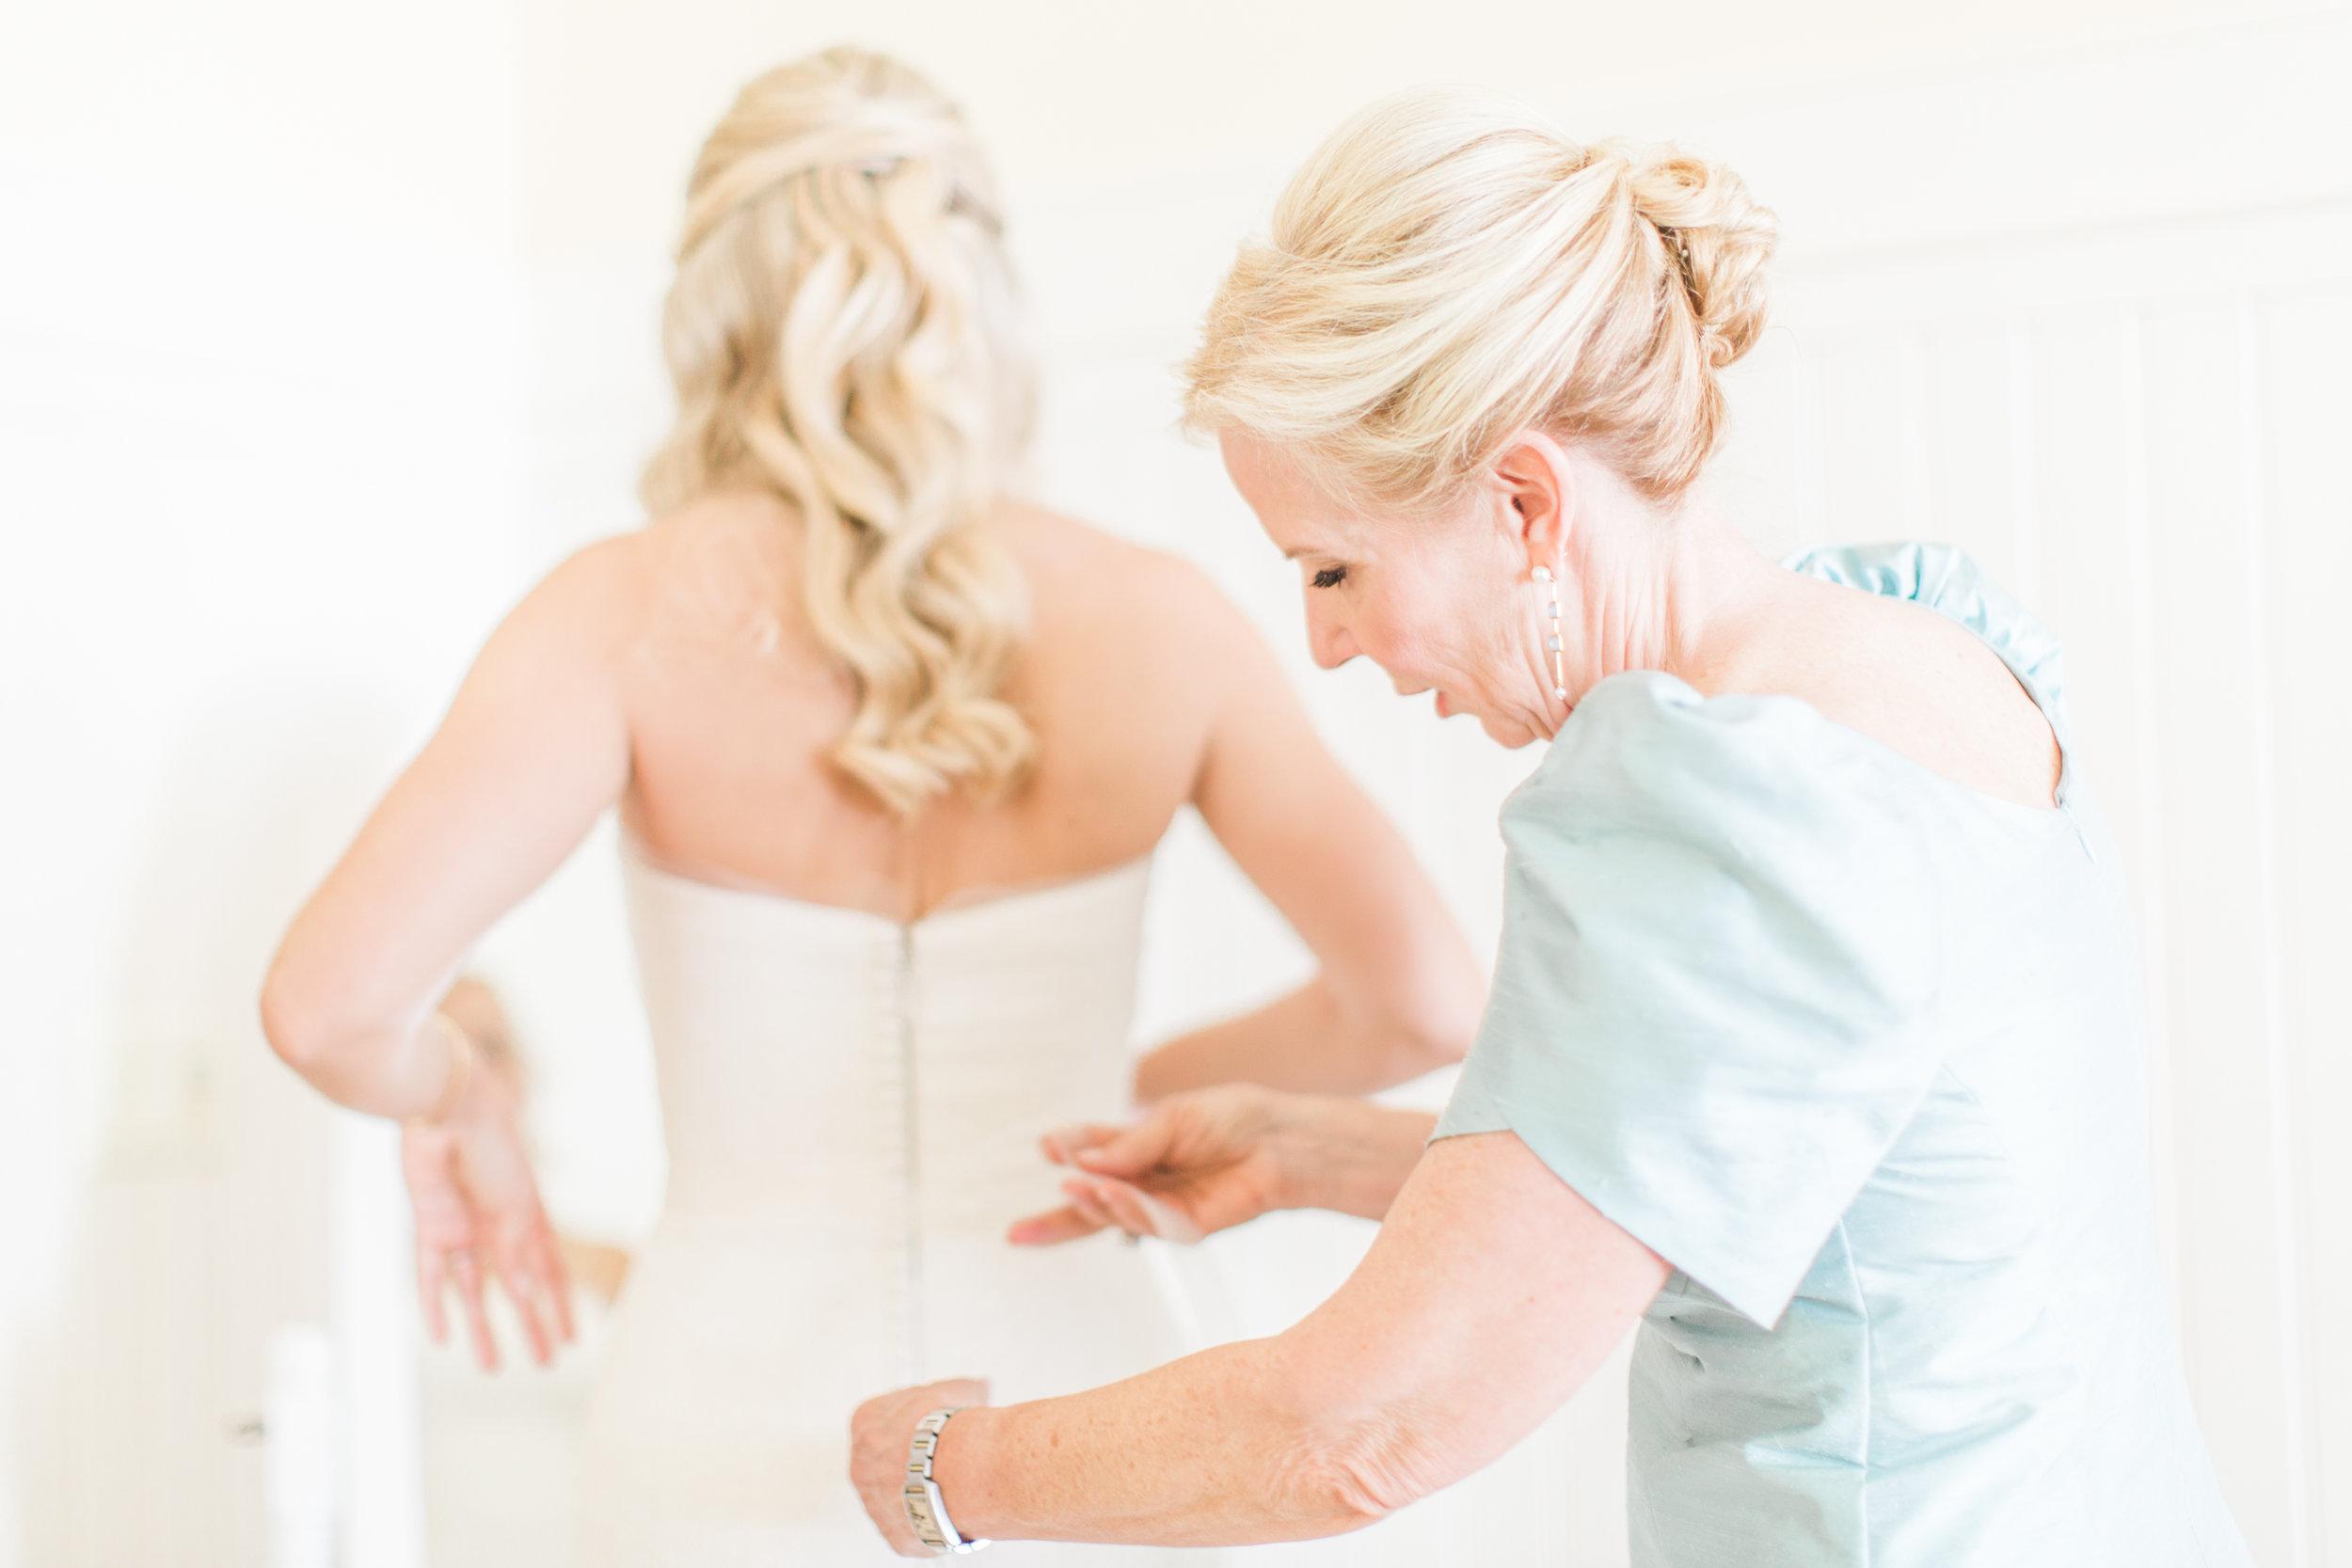 Coffman+Wedding+Getting+Ready+Girls-109.jpg